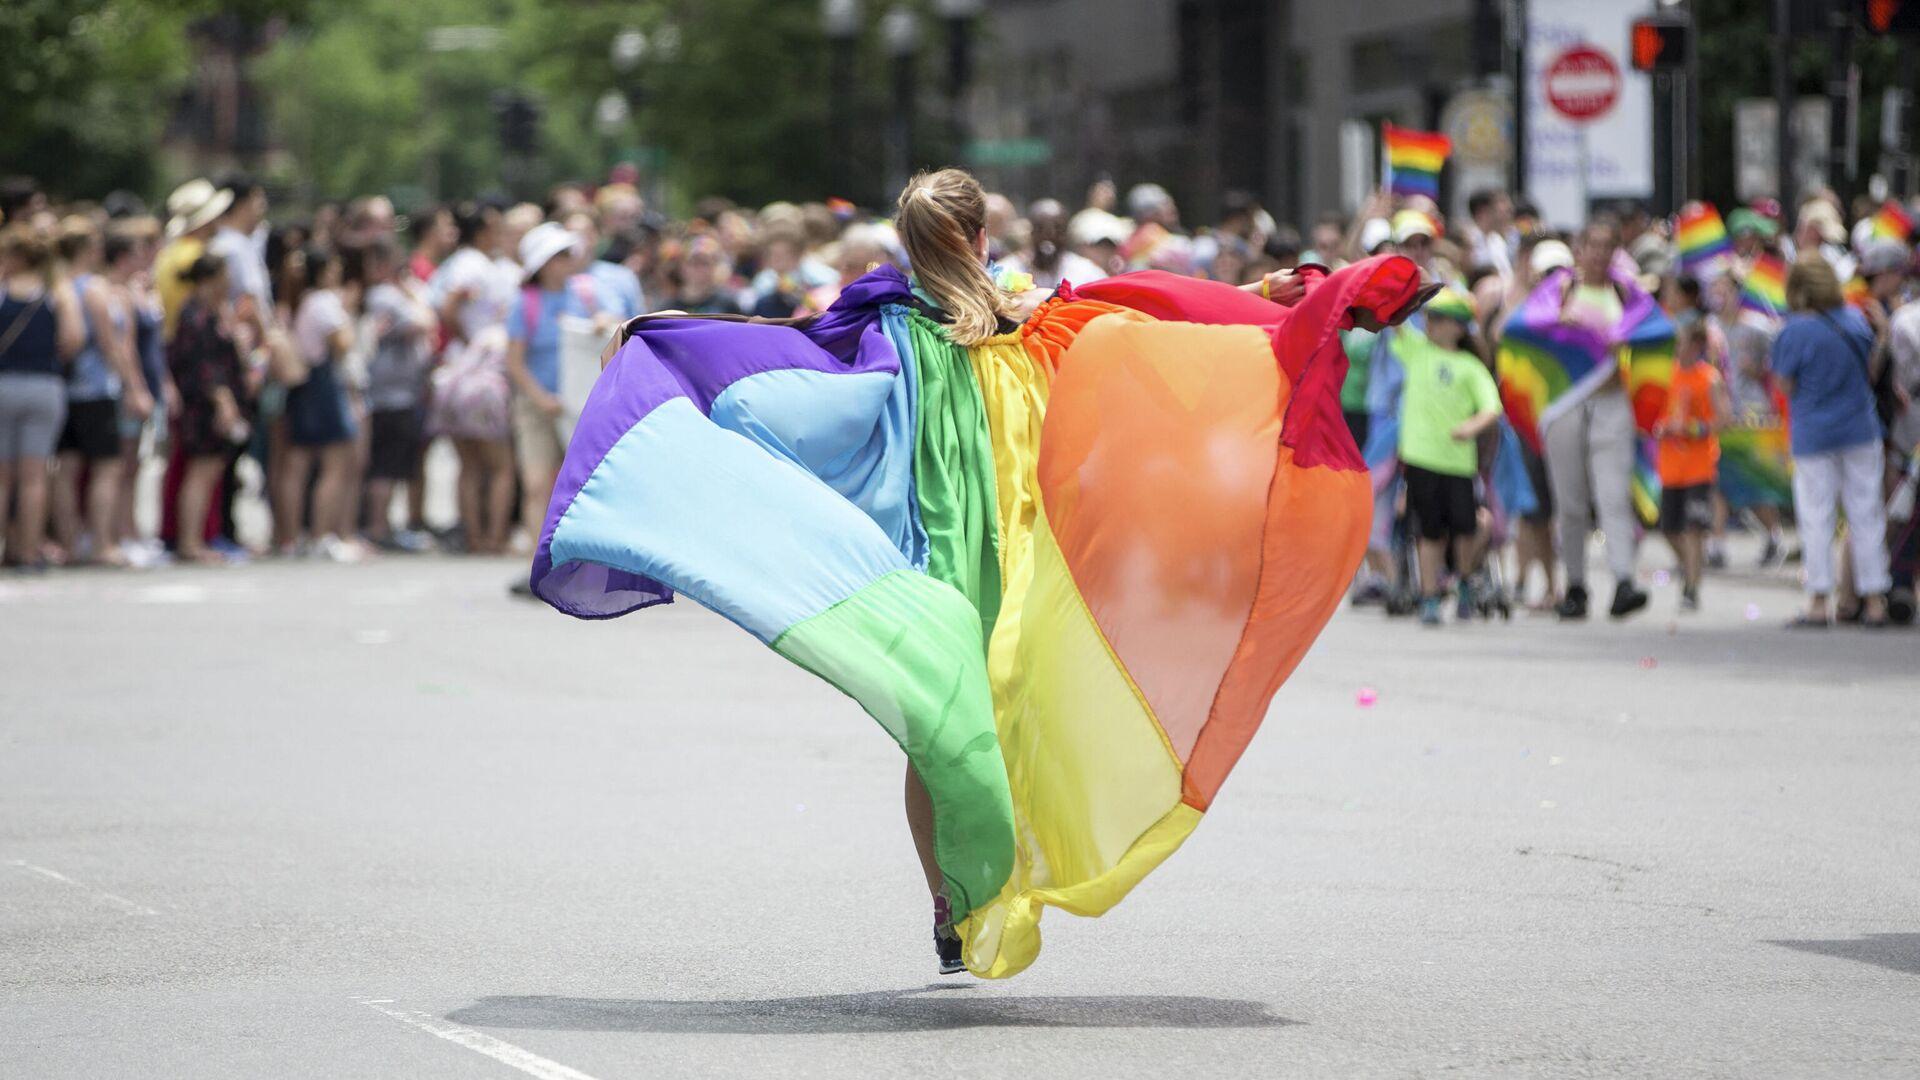 Девушка на демонстрации во время гей-парада в Бостоне в 2018 году - РИА Новости, 1920, 30.04.2021